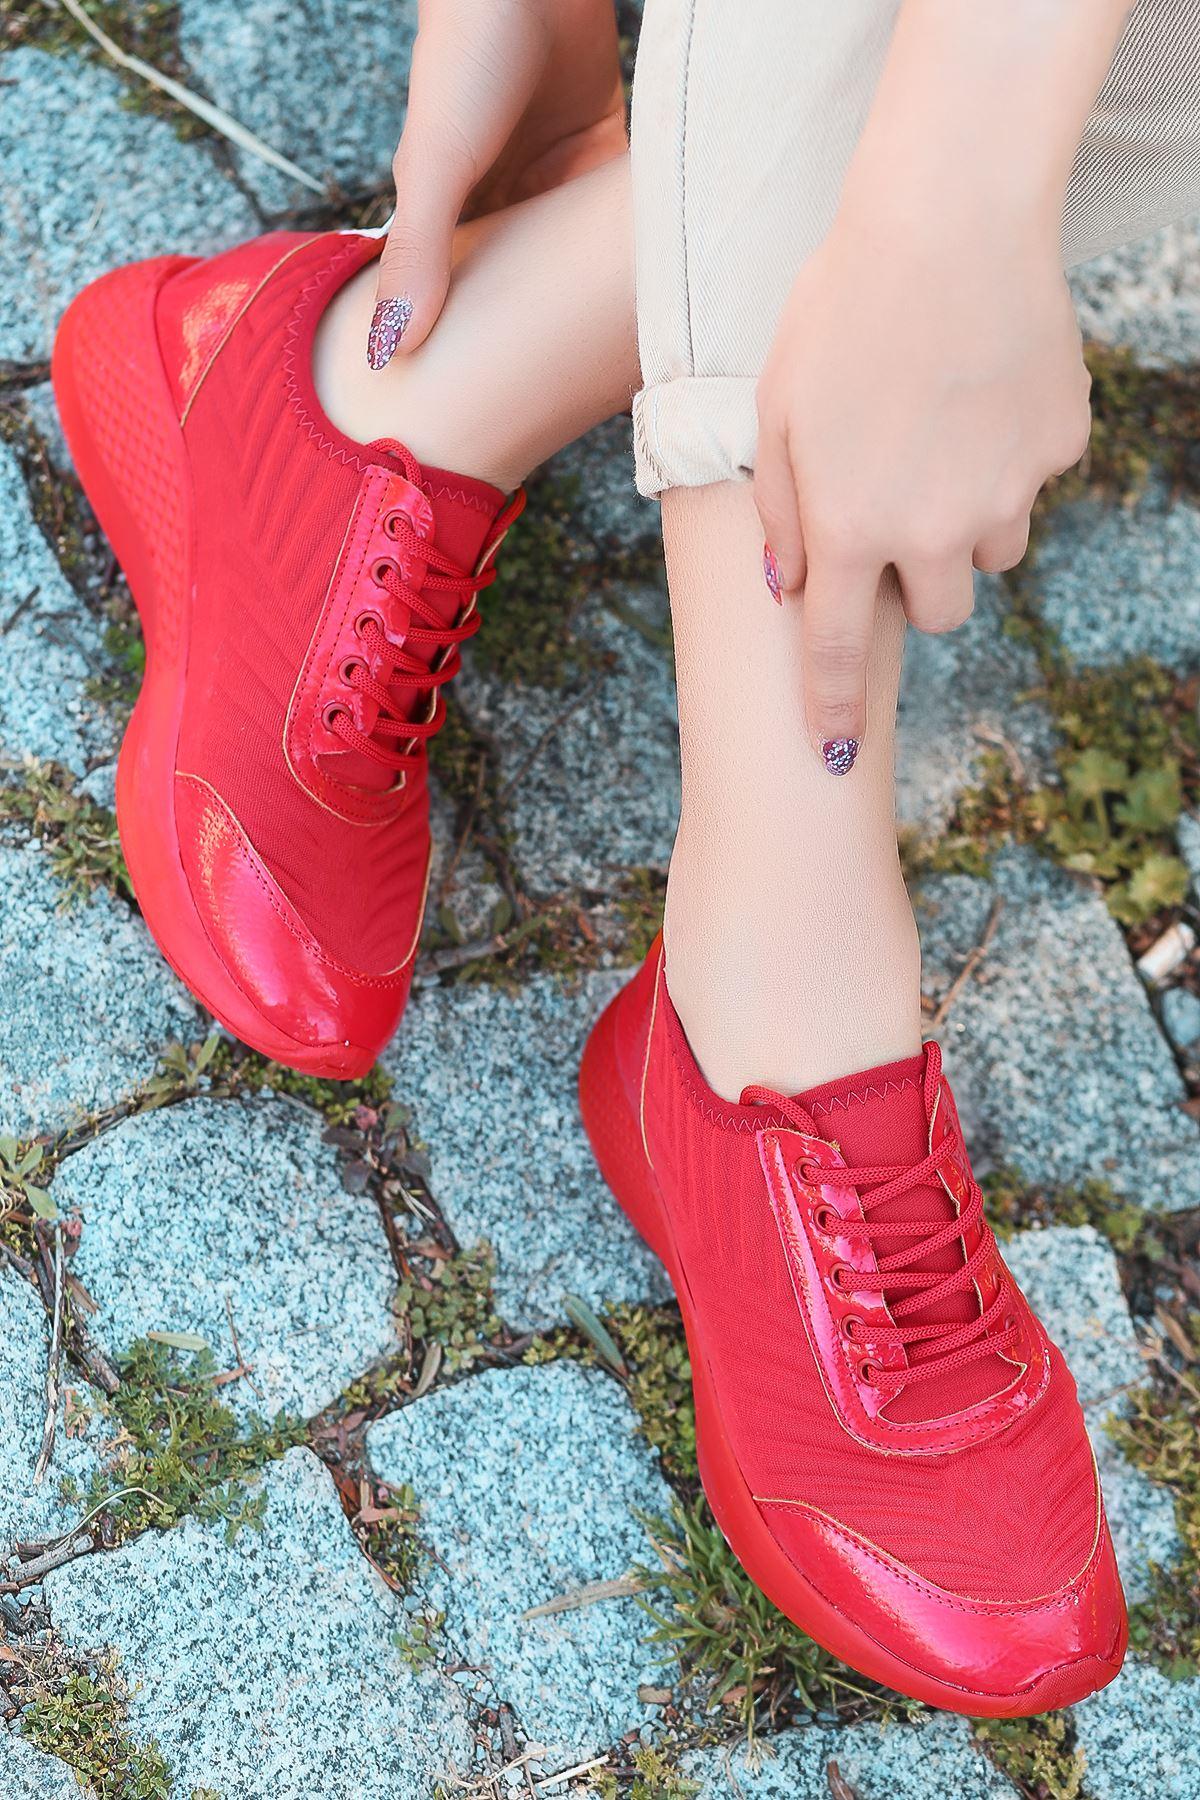 Otuzbes 2022 Kabartma Baskılı Günlük Spor Kırmızı Kadın Spor Ayakkabı